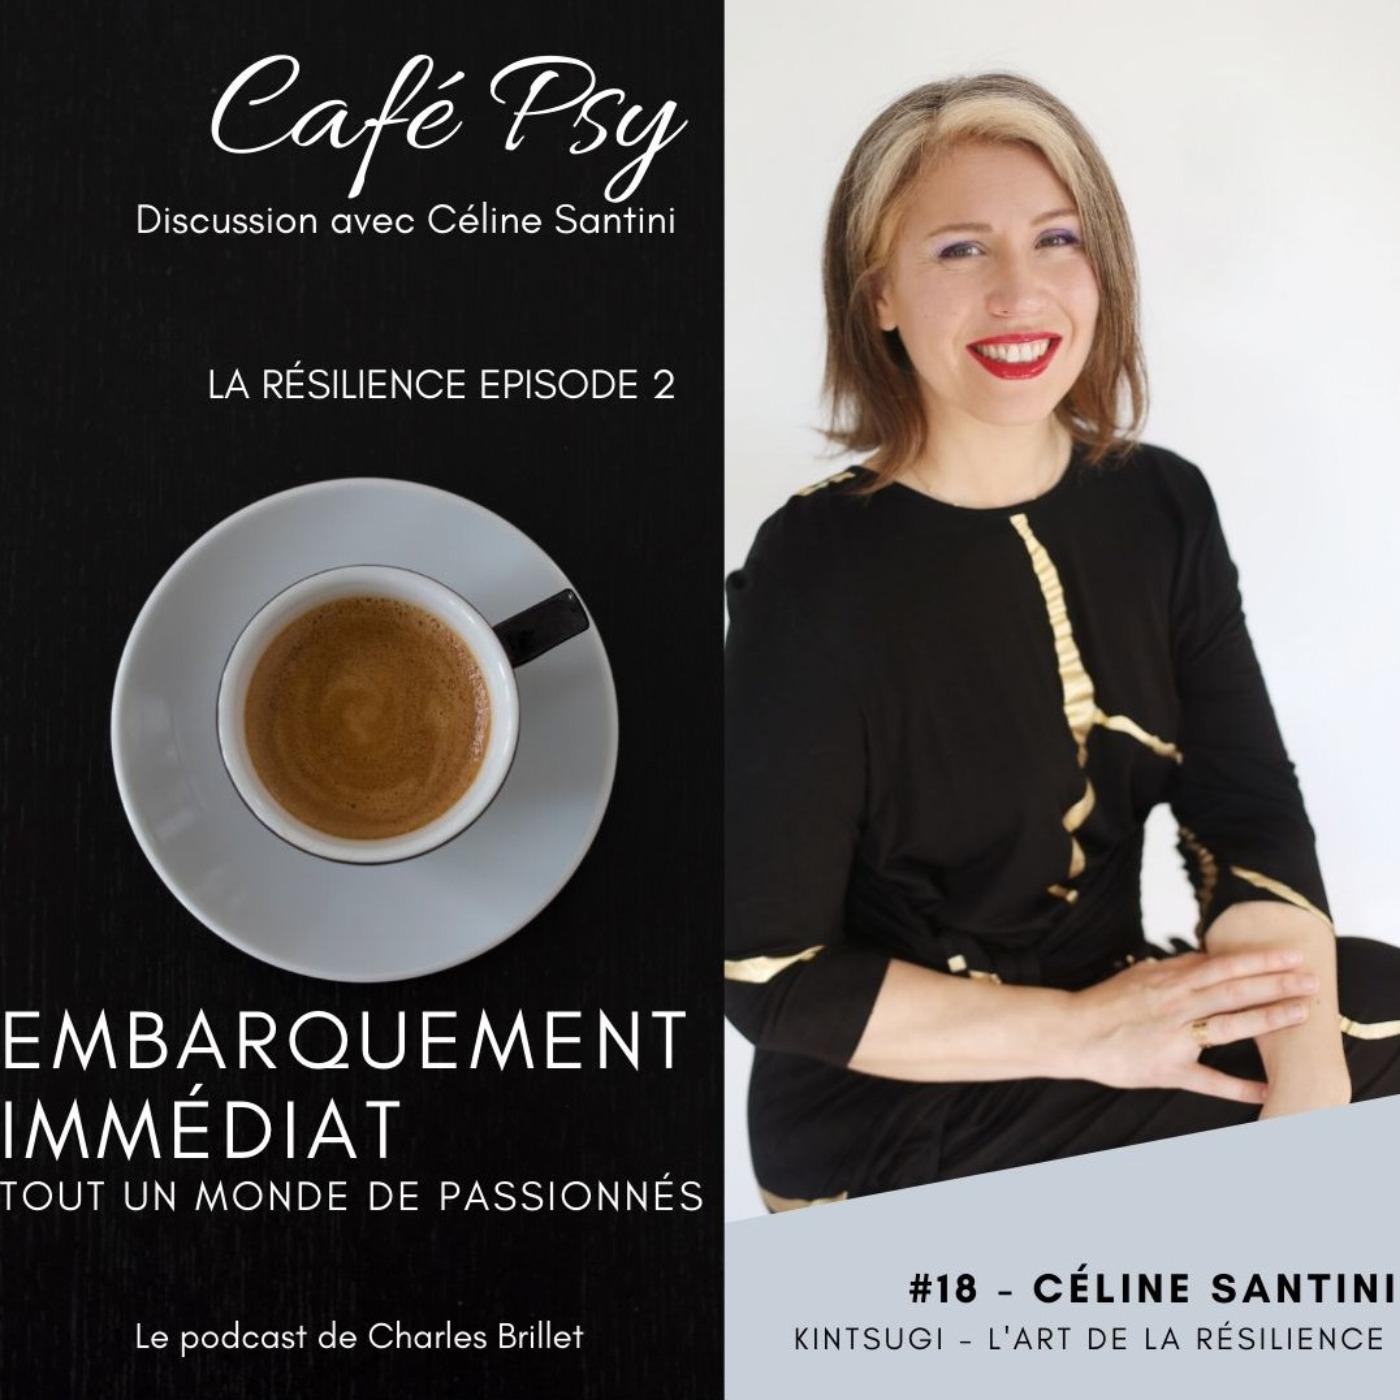 #18 - Céline Santini - Café Psy - L'art du Kintsugi - La résilience EP2